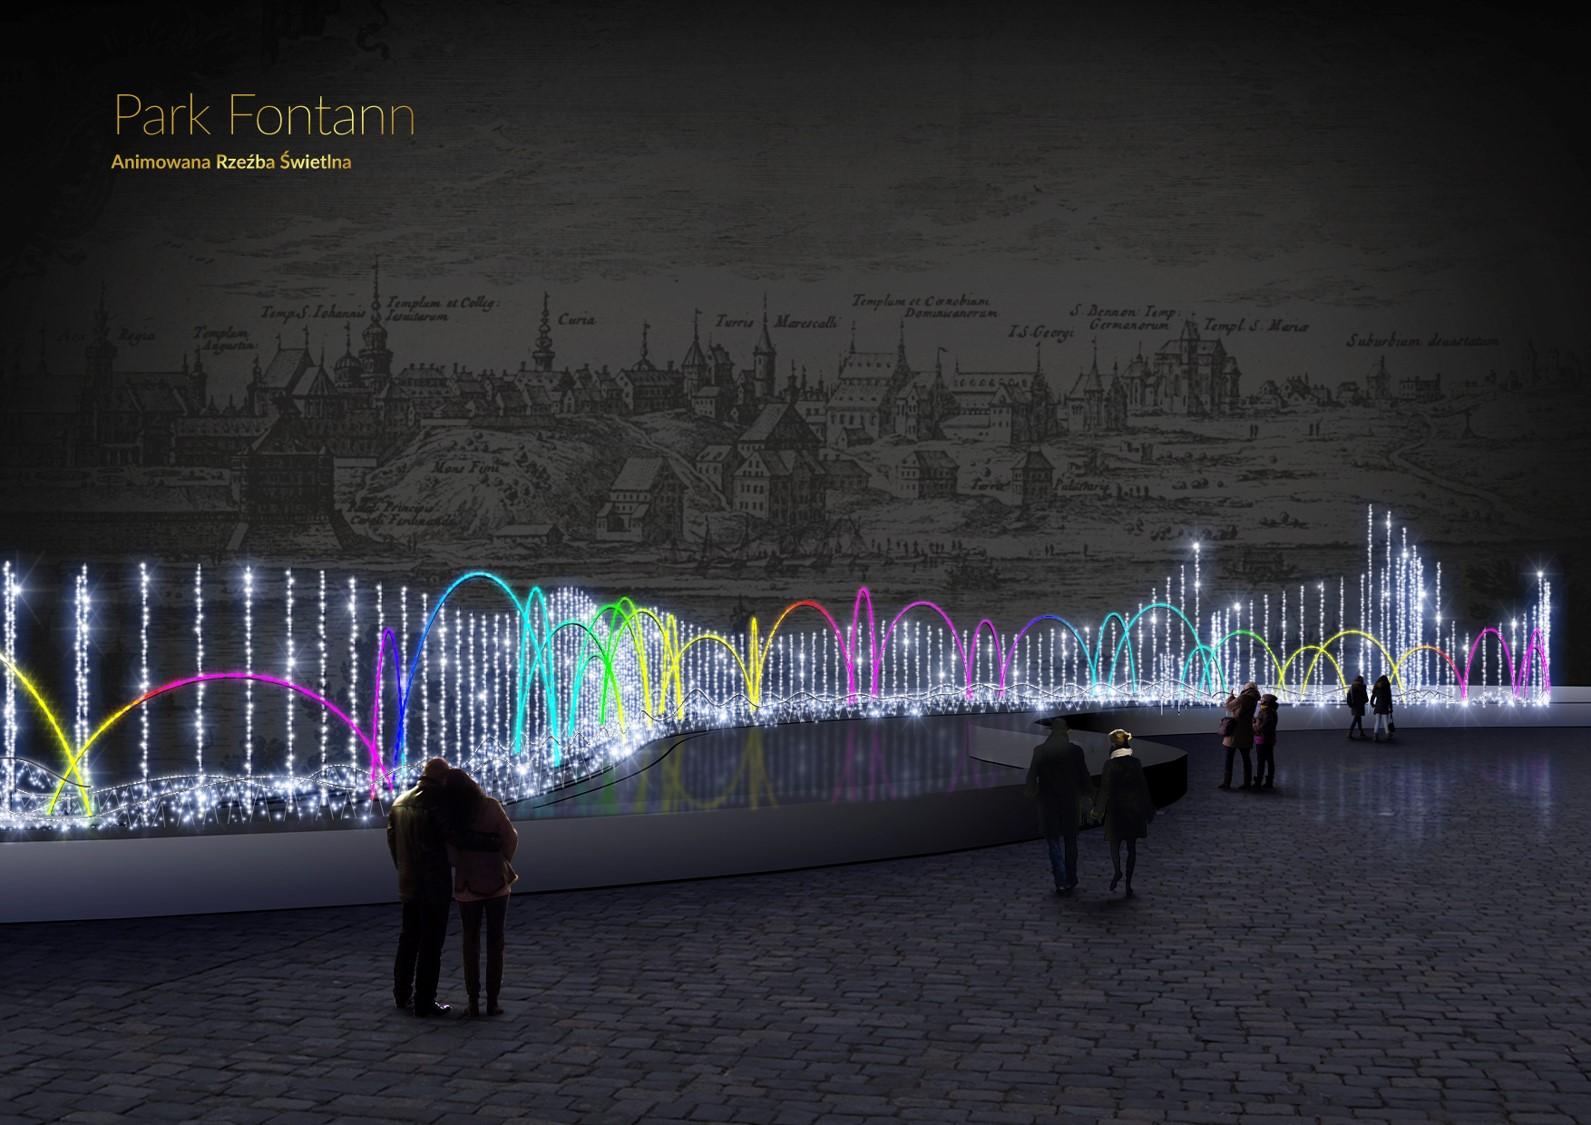 Варшава разместить объявление add как дать объявление по интернету открыть счет для возведения храма